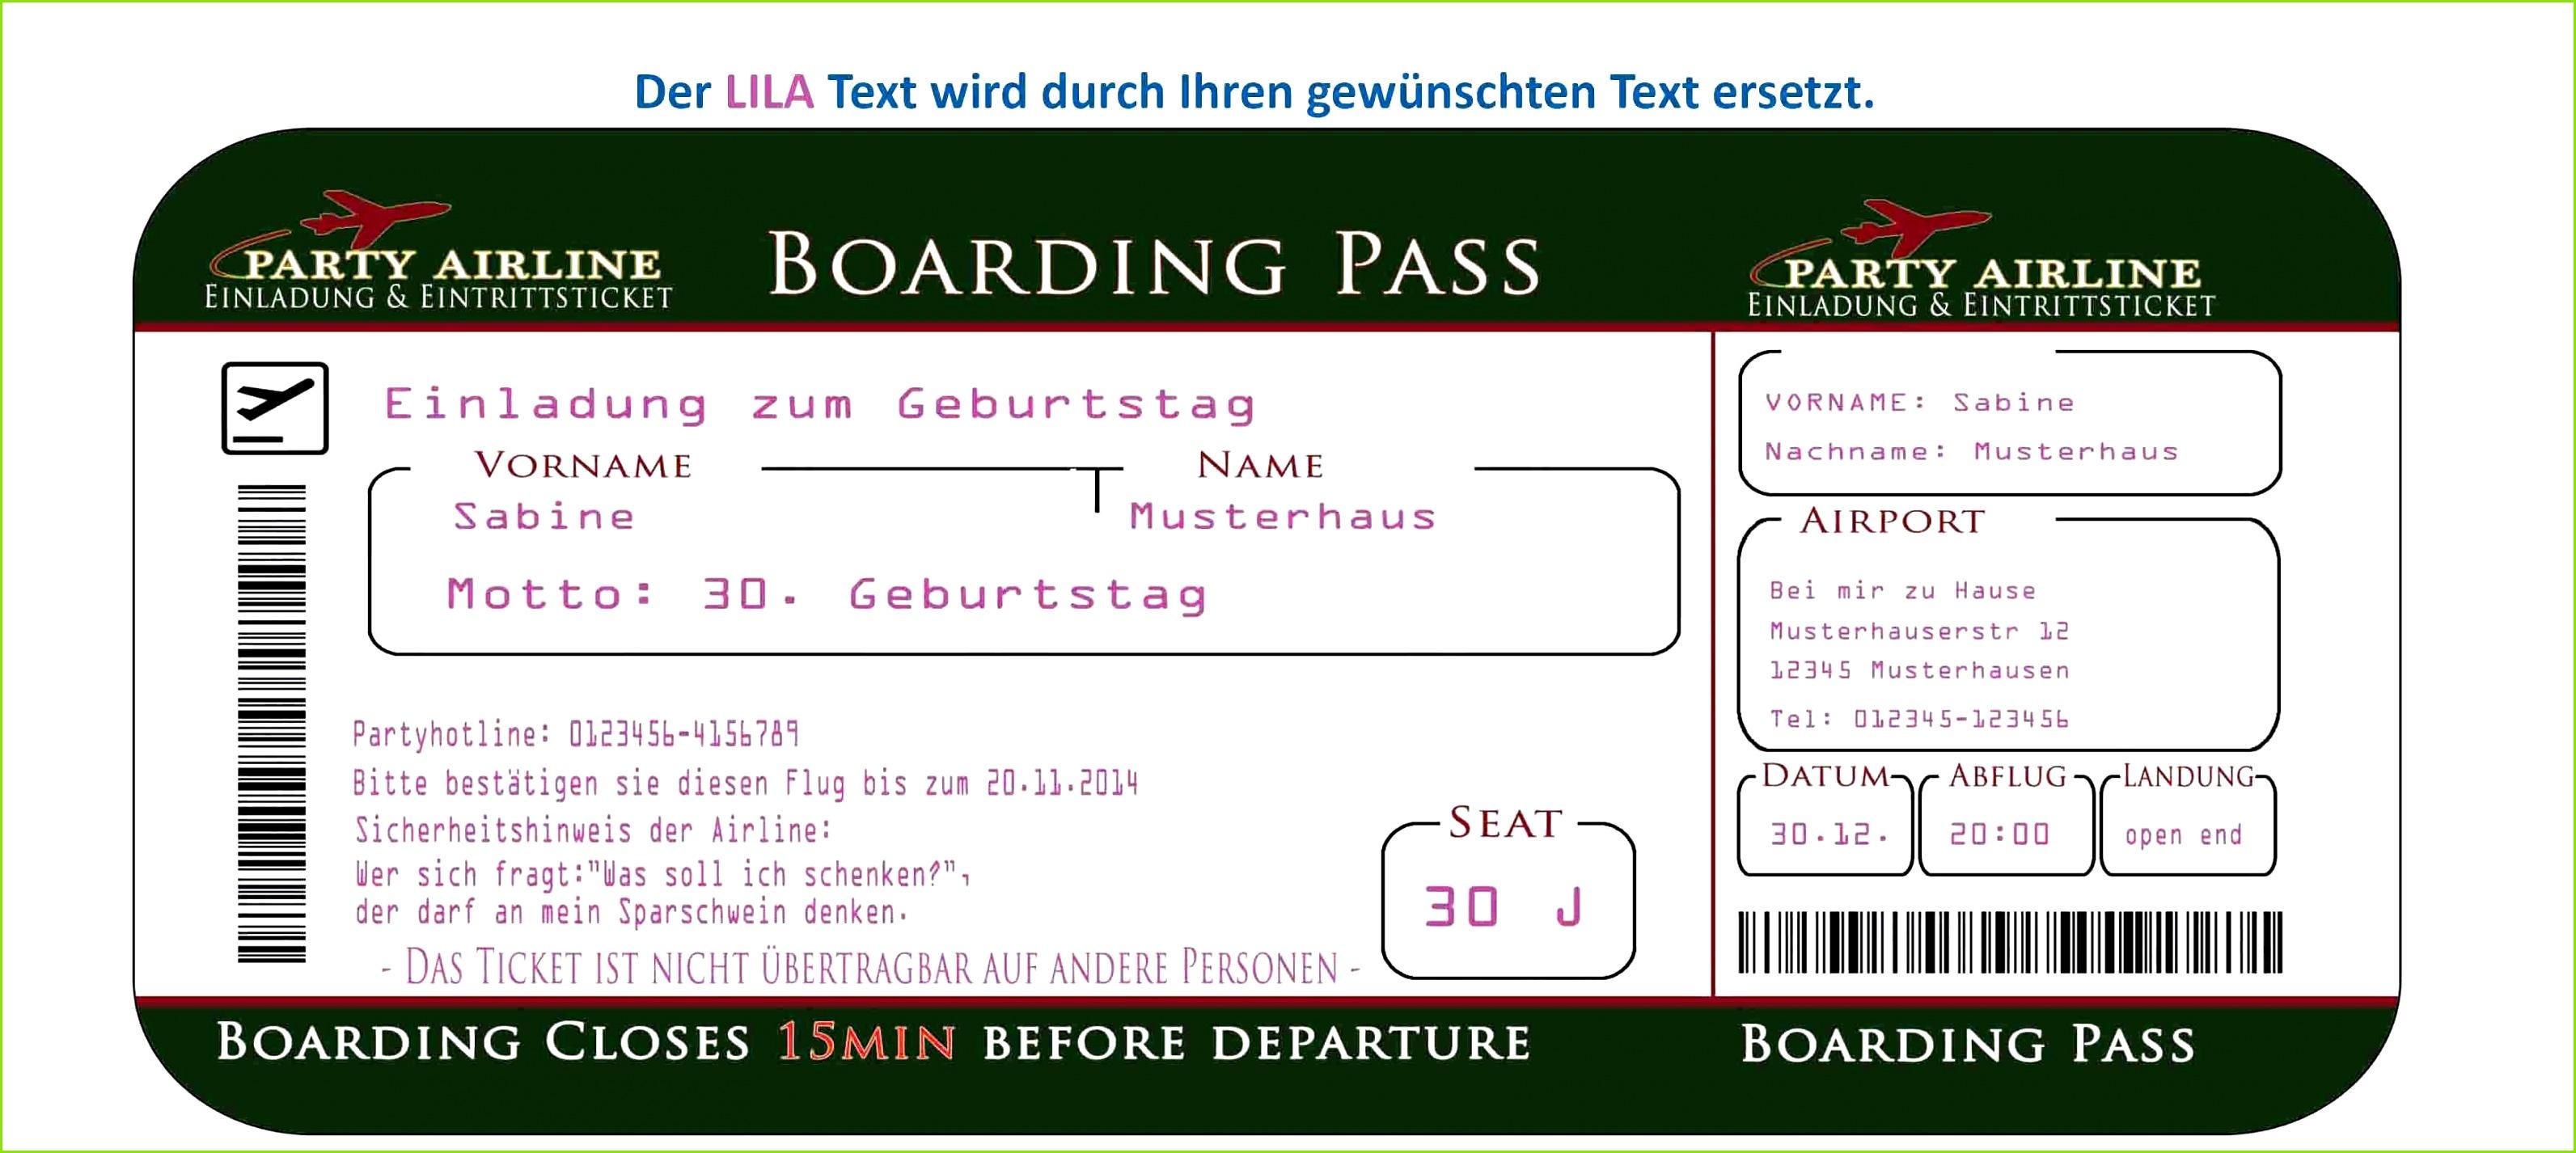 Konfirmationskarten Einladung Selbst Gemacht Best Einladungskarten Vorlagen Geburtstag Vorlagen Einladungen 0d Konzept Konfirmationskarten